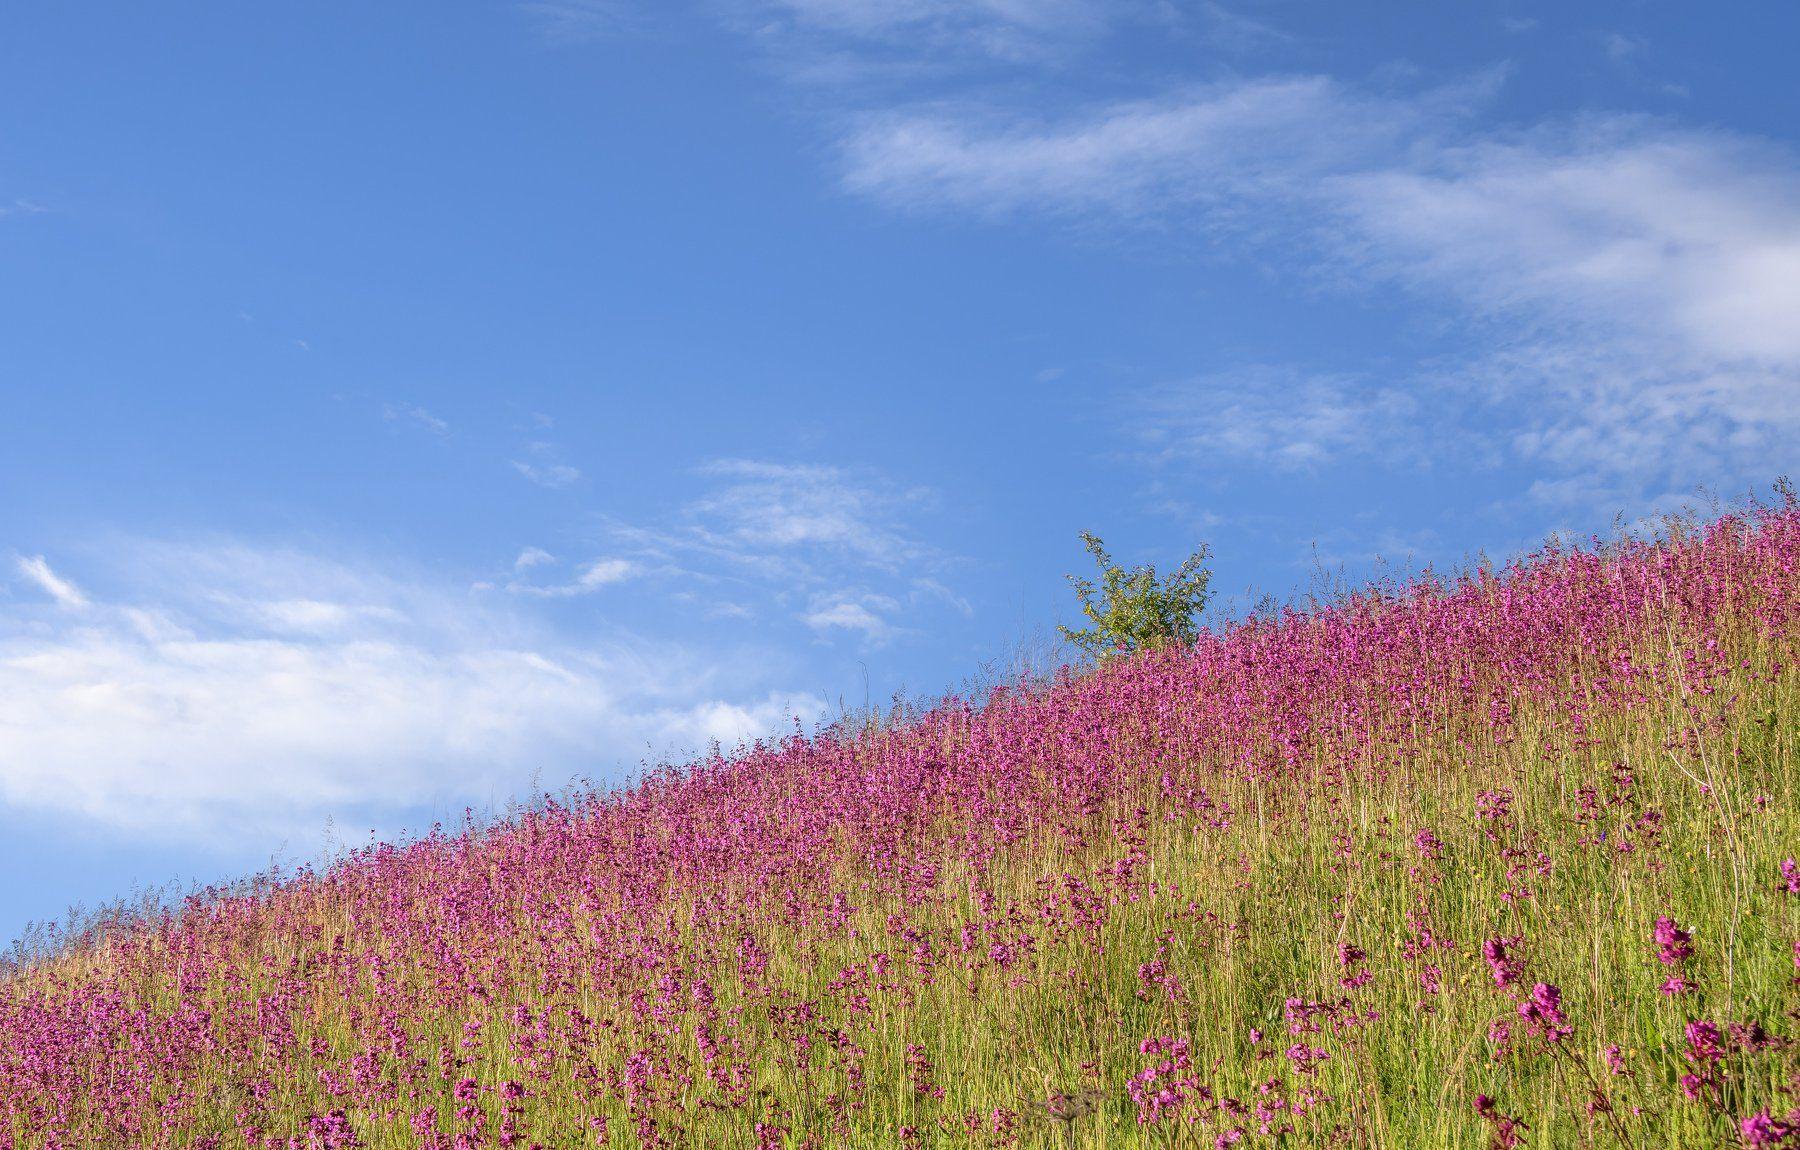 цветение,розовый,смолка клейкая,голубое небо,июнь,лето,симфония,рязанская область, Соварцева Ксюша